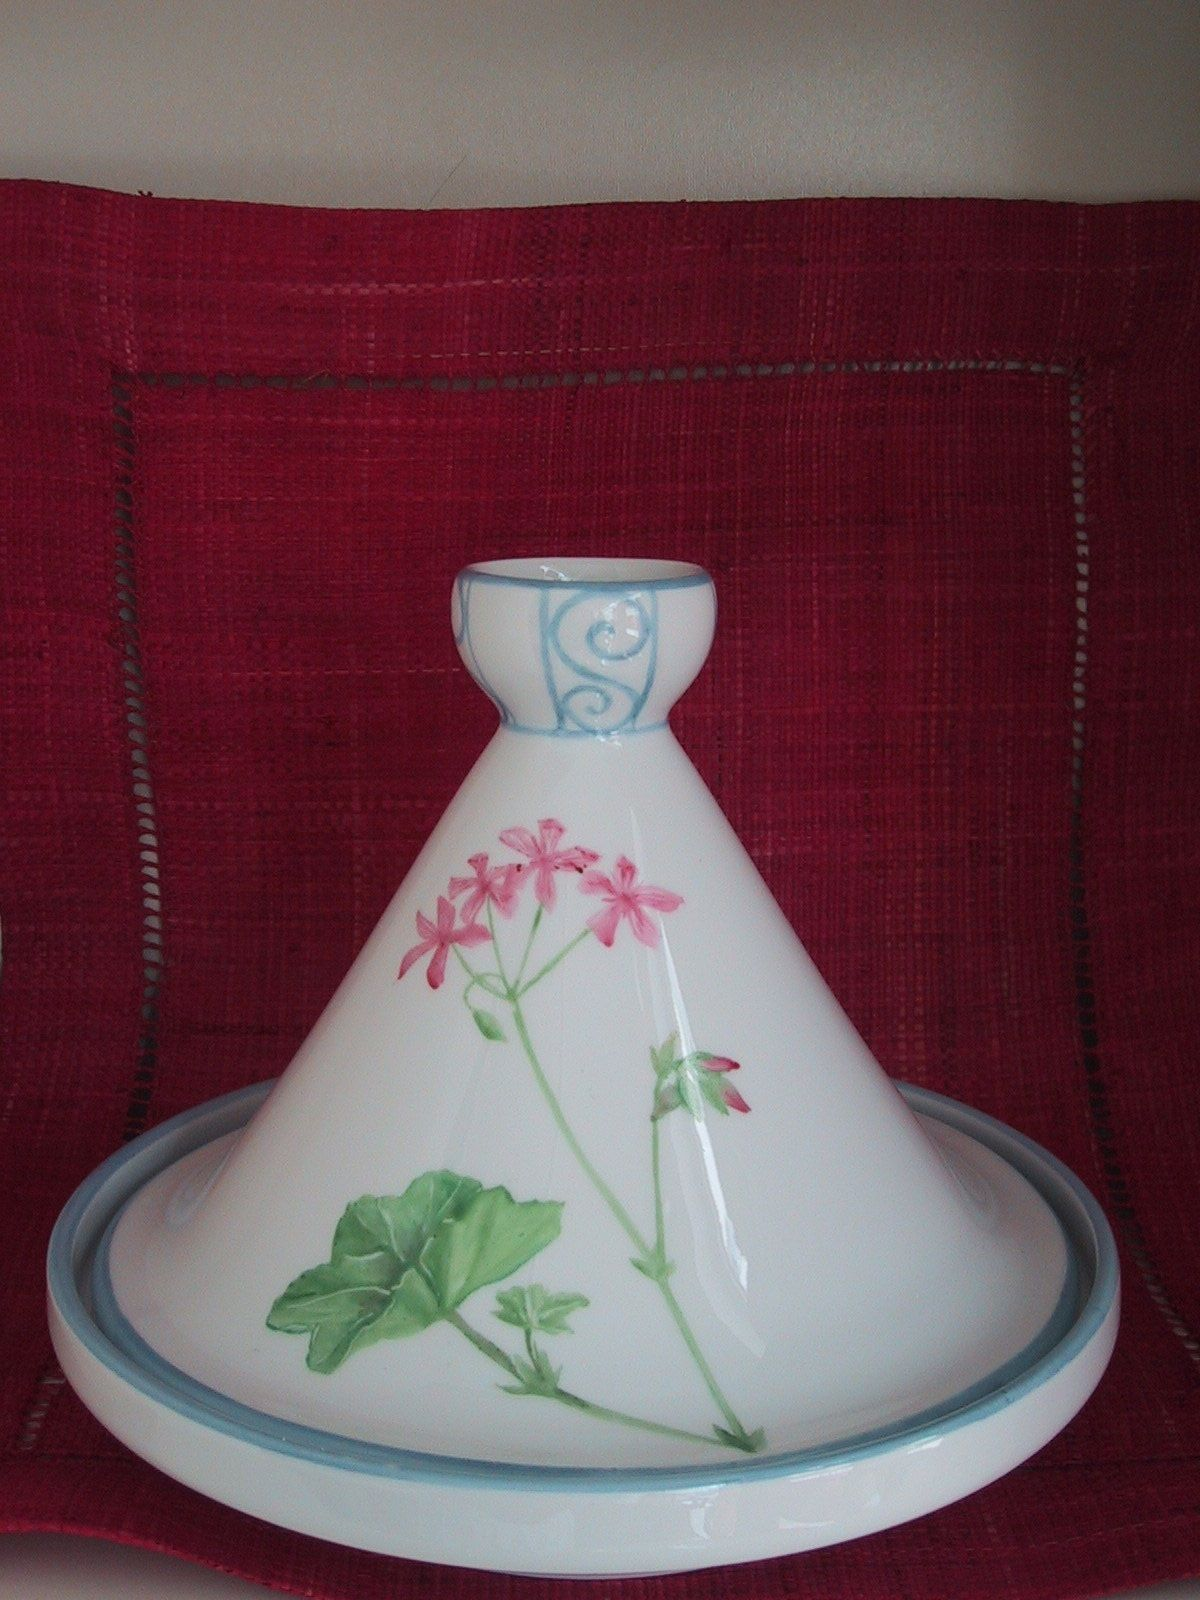 tagine , geranium hand painted flower, Limoges porcelain, dinnerware, mediterranean, garden, chinaware.